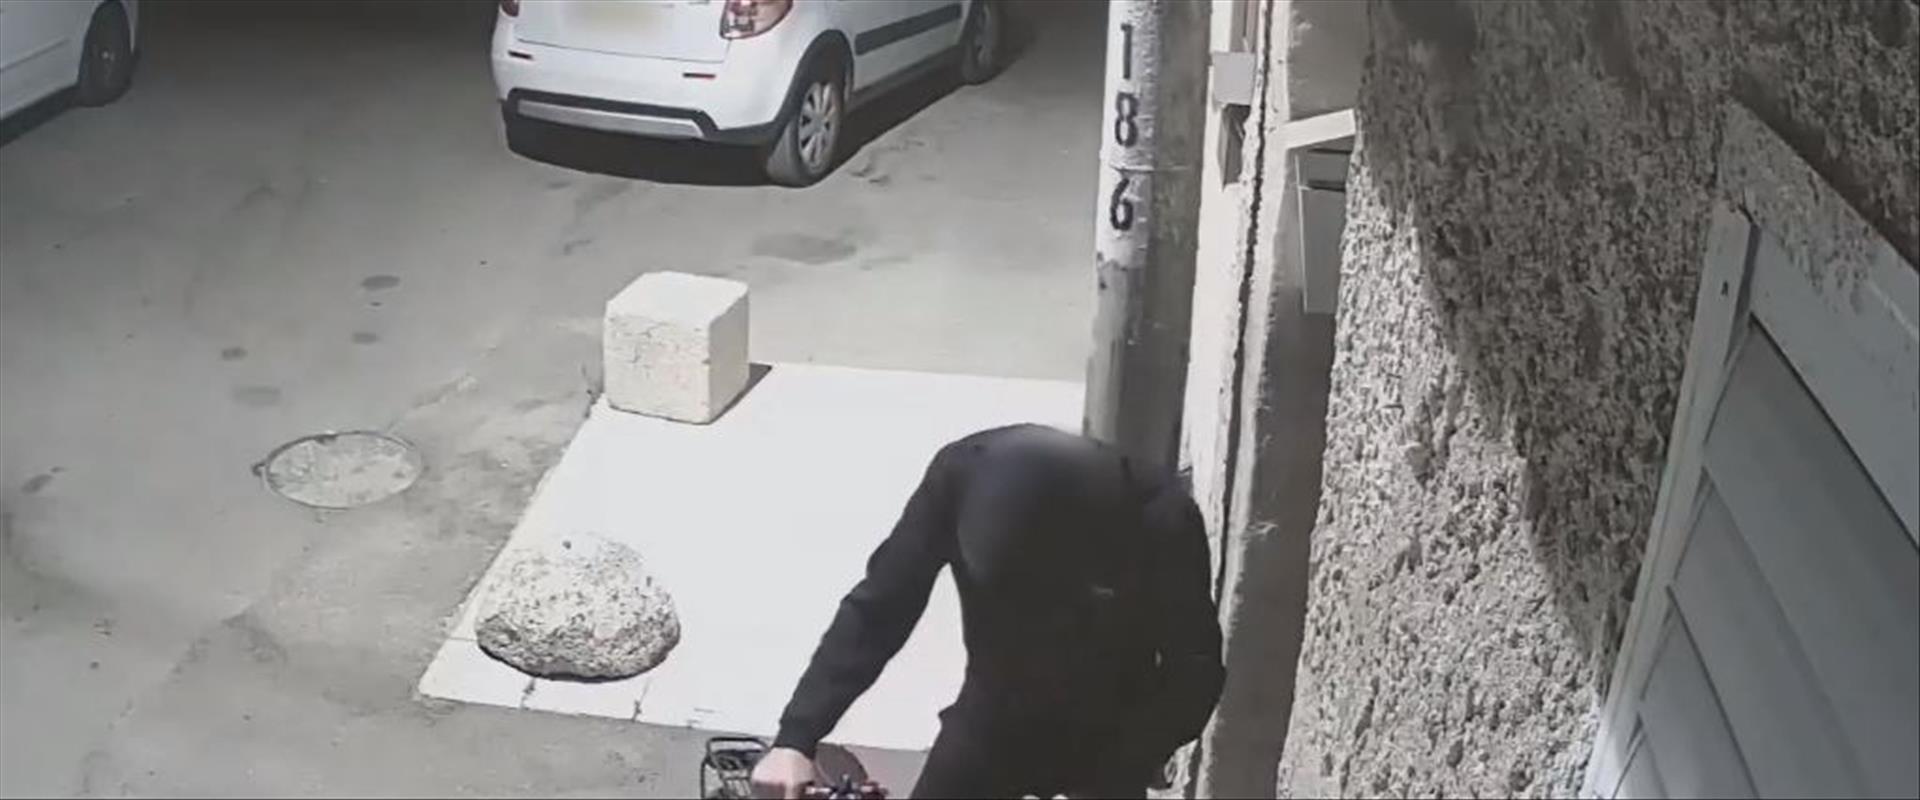 החשוד בירי על אופניו